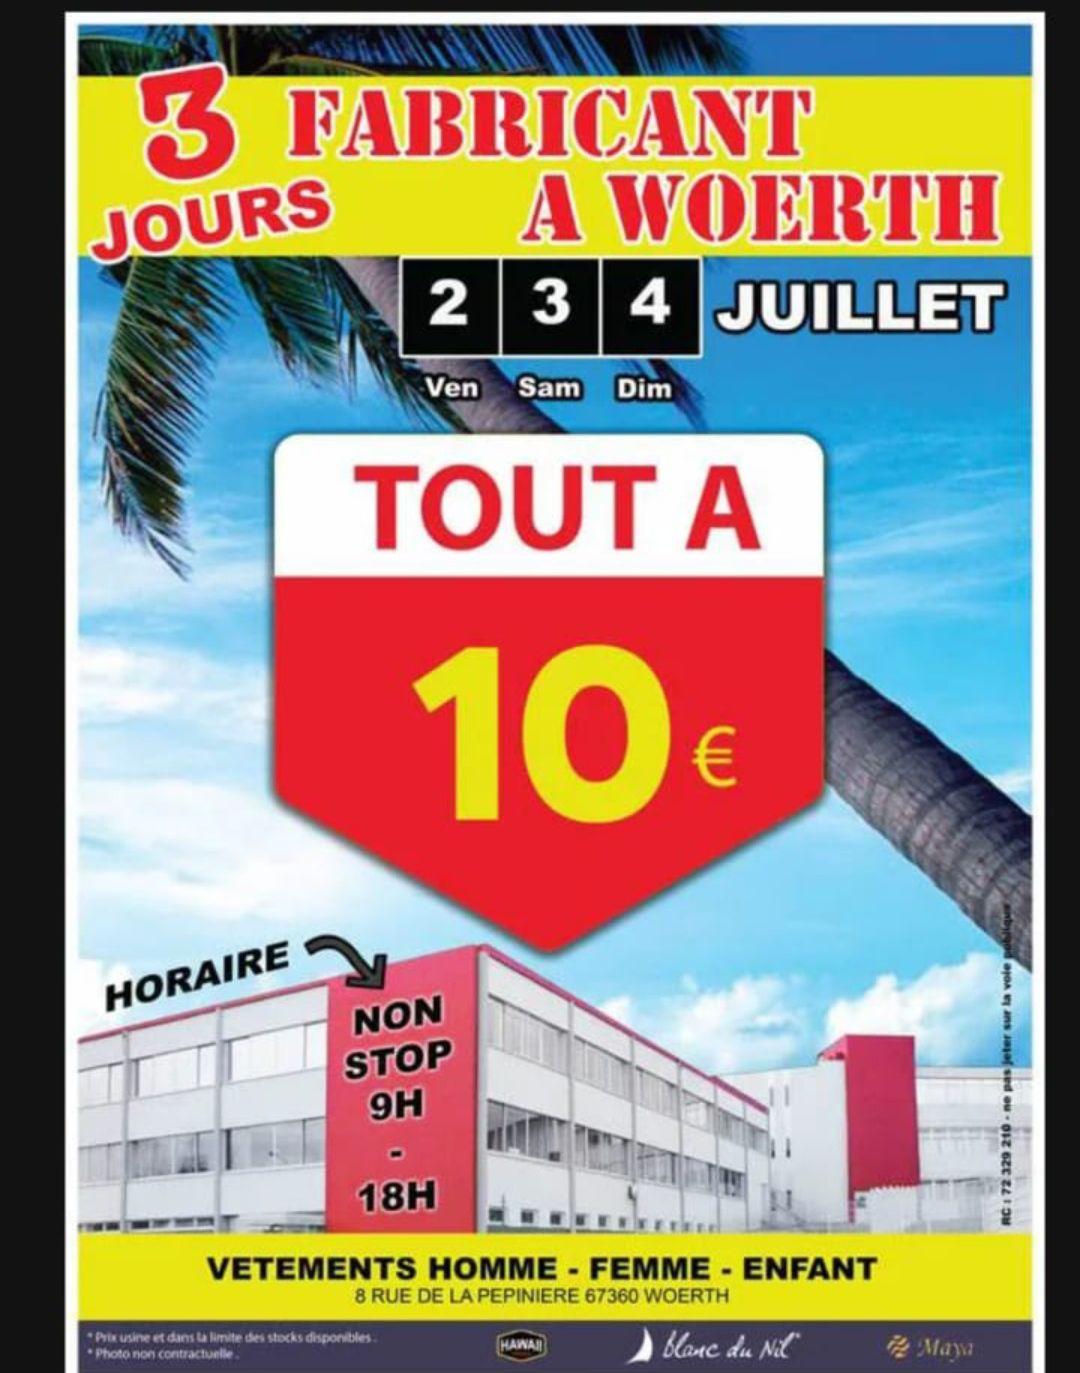 Blanc du Nil vêtements pour Femme, Homme et Enfant tout à 10€ - Woerth (67)